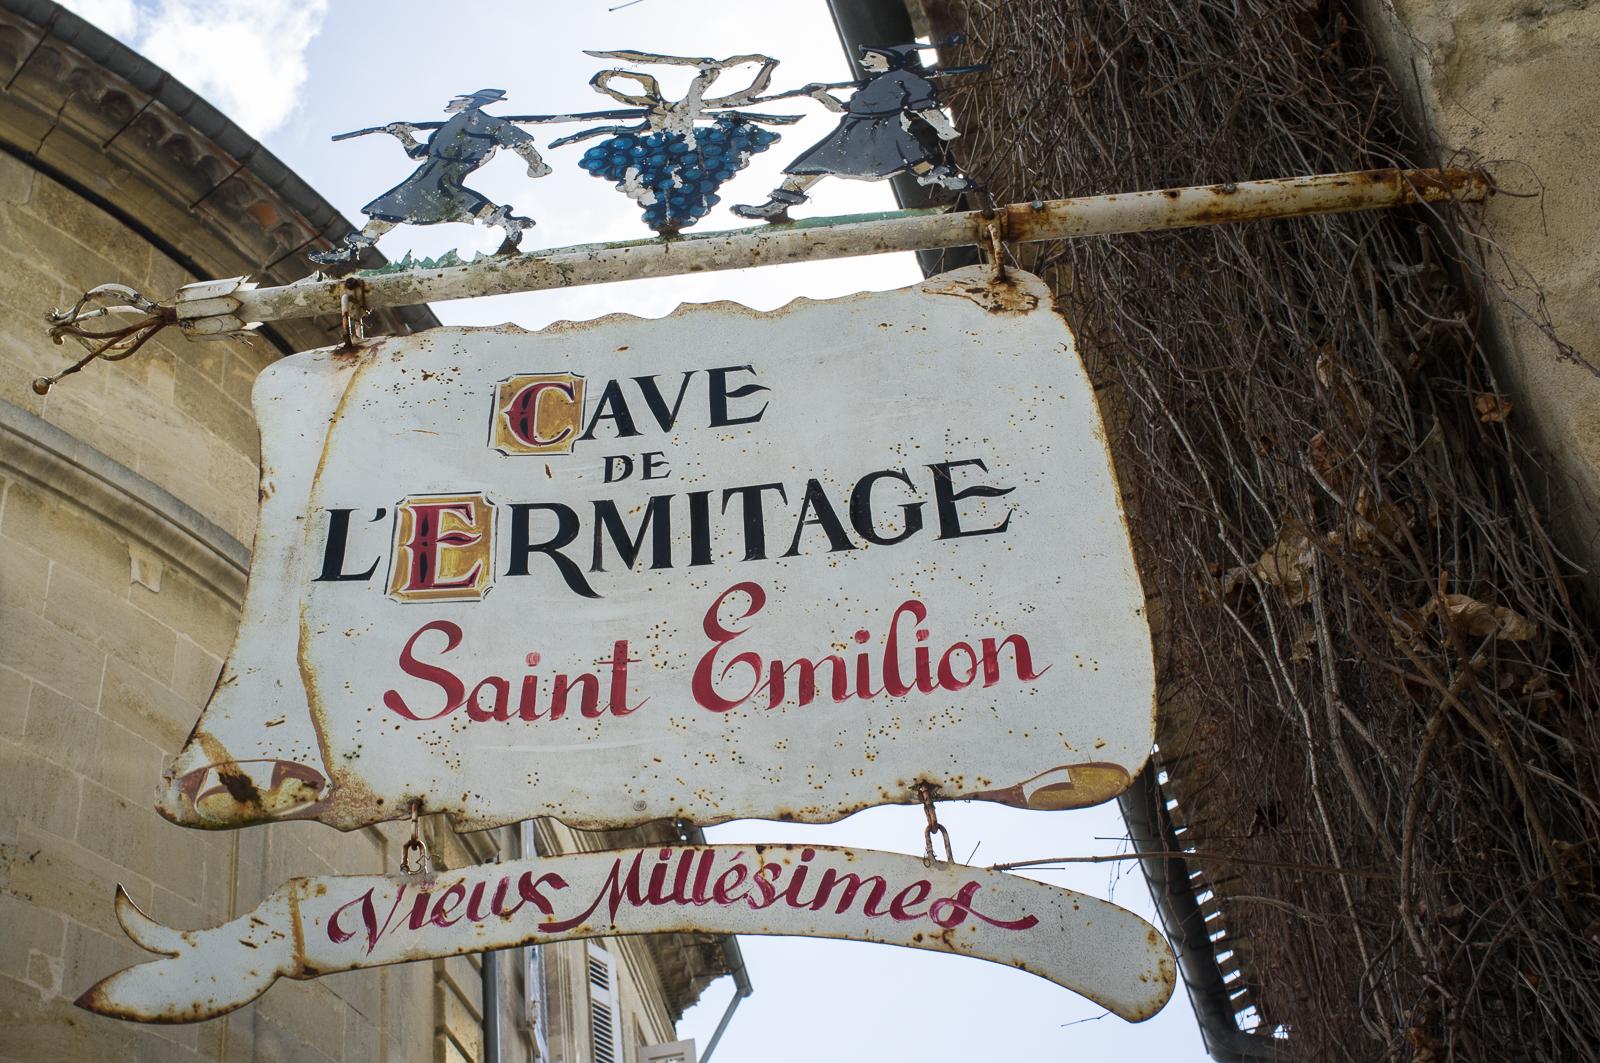 Cave de l'Ermitage Saint-Emilion